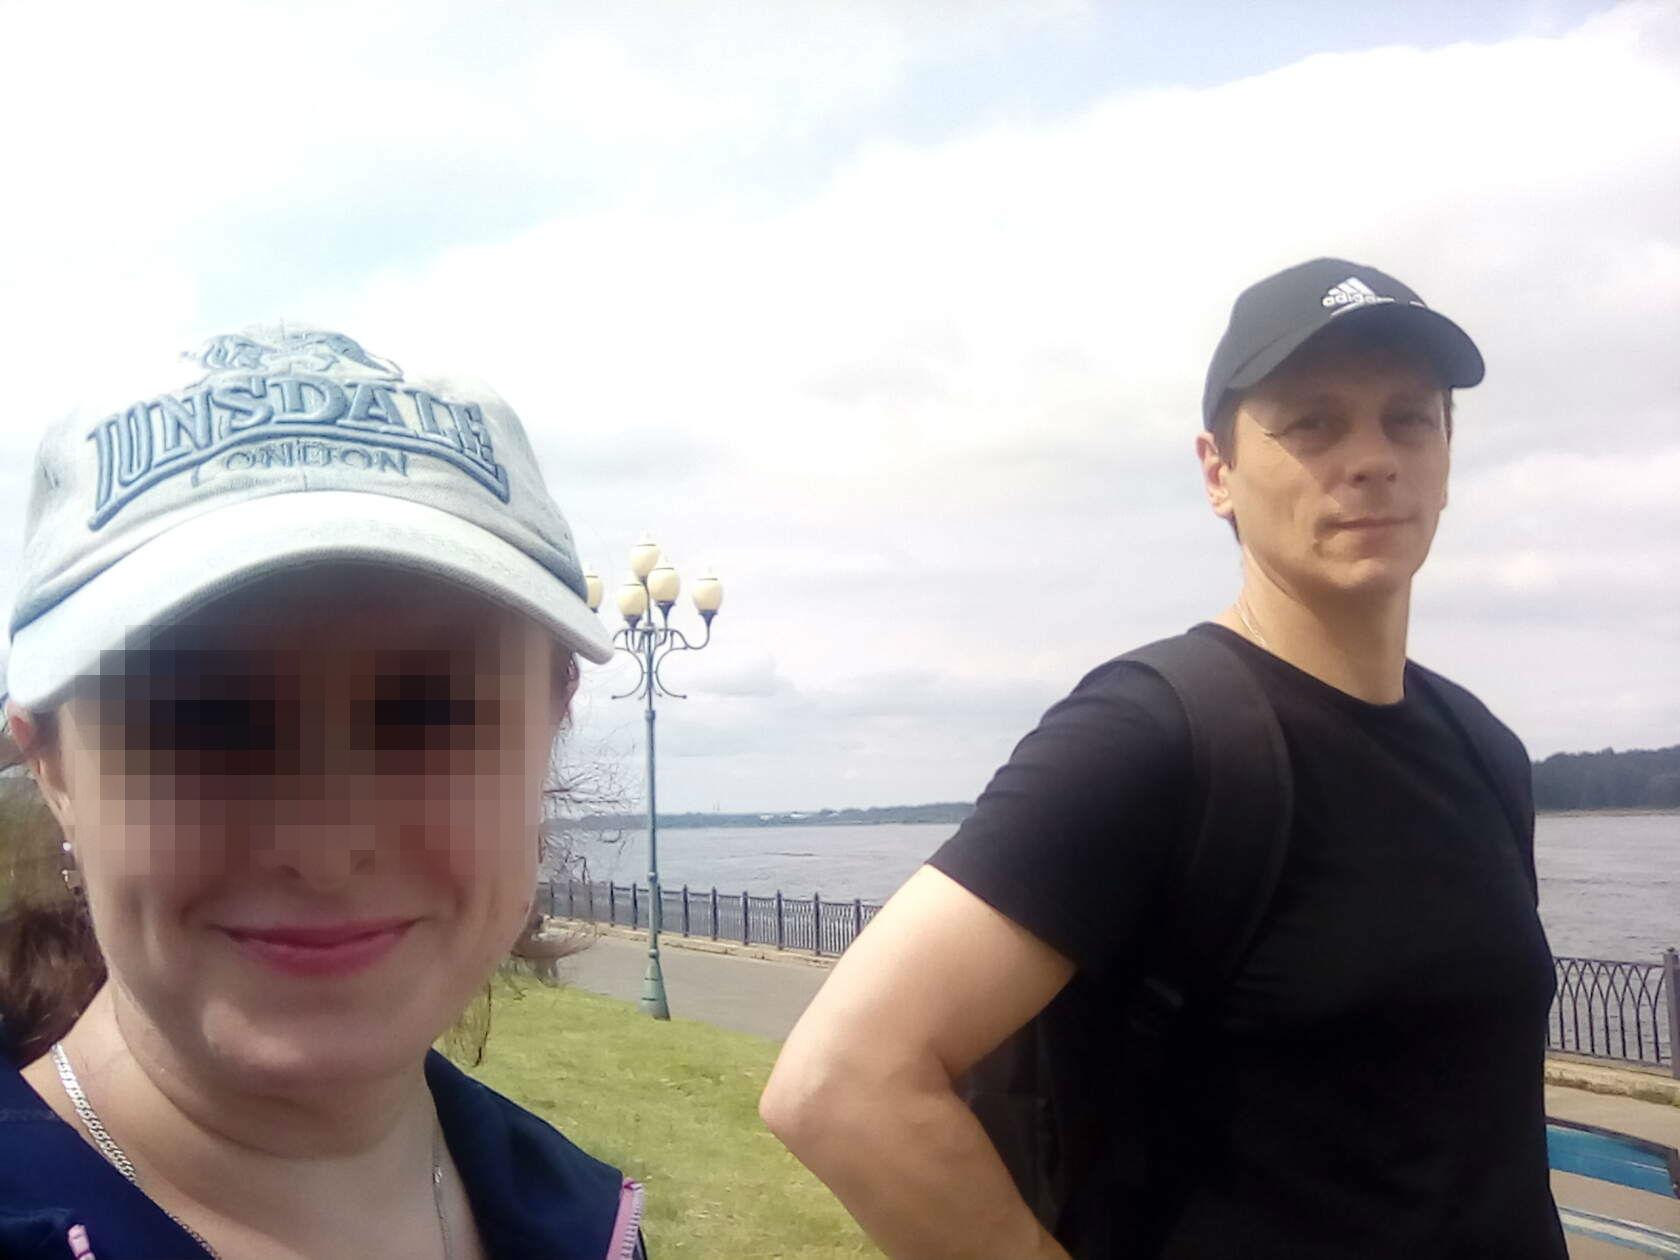 «С любимым мужчиной» — так Валентина подписала этот снимок в соцсетях